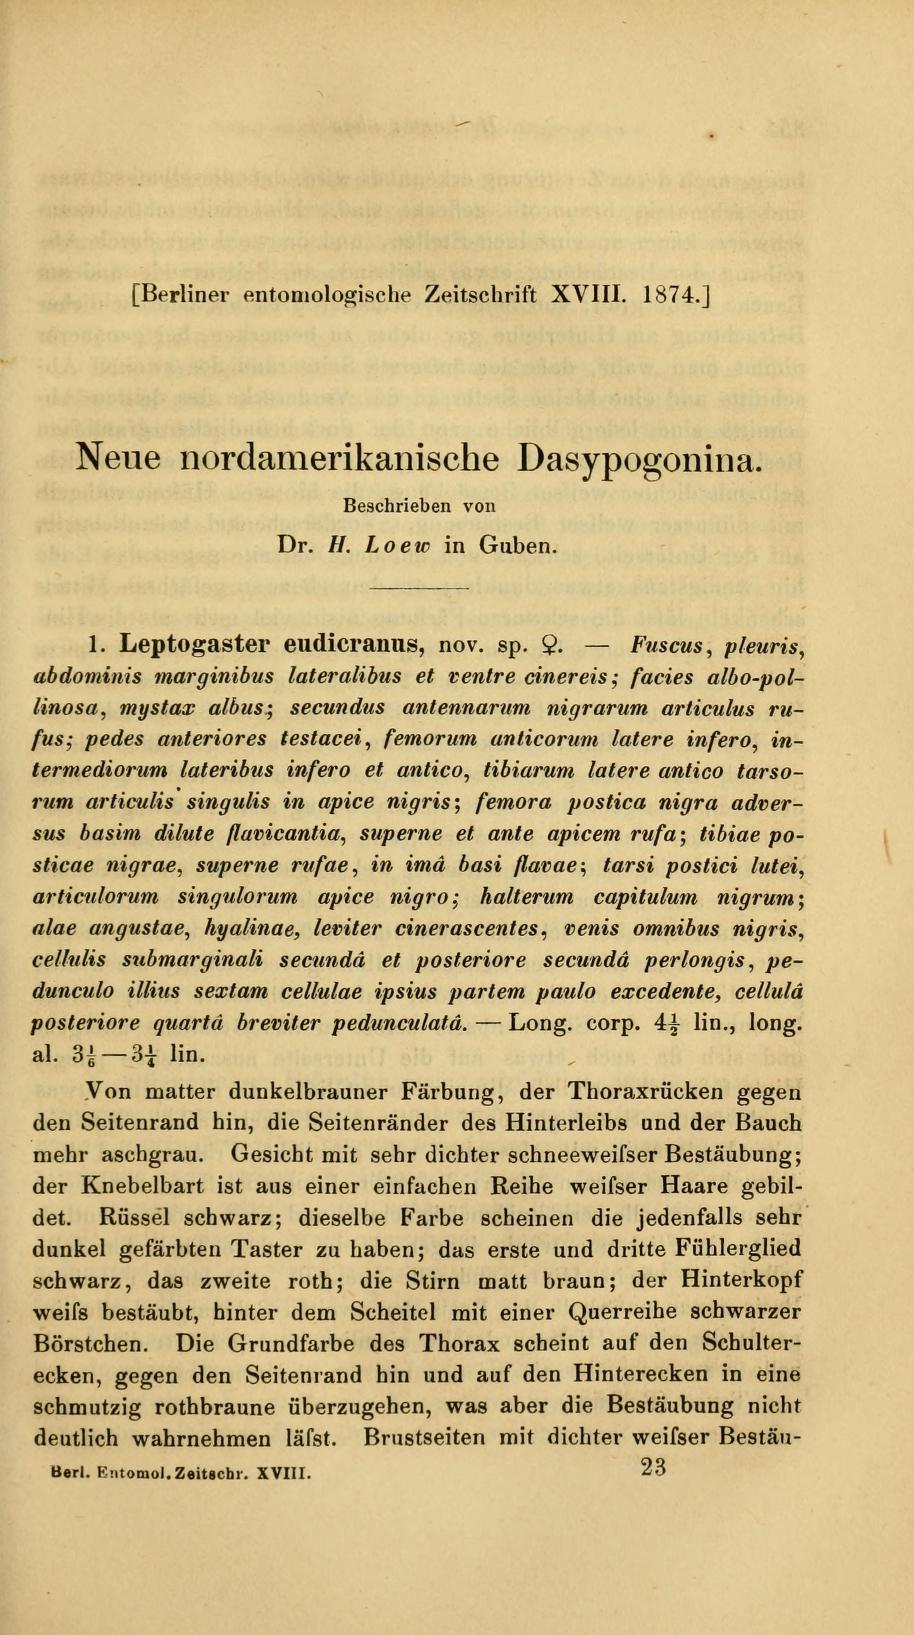 Neue nordamerikanische Dasypogonina